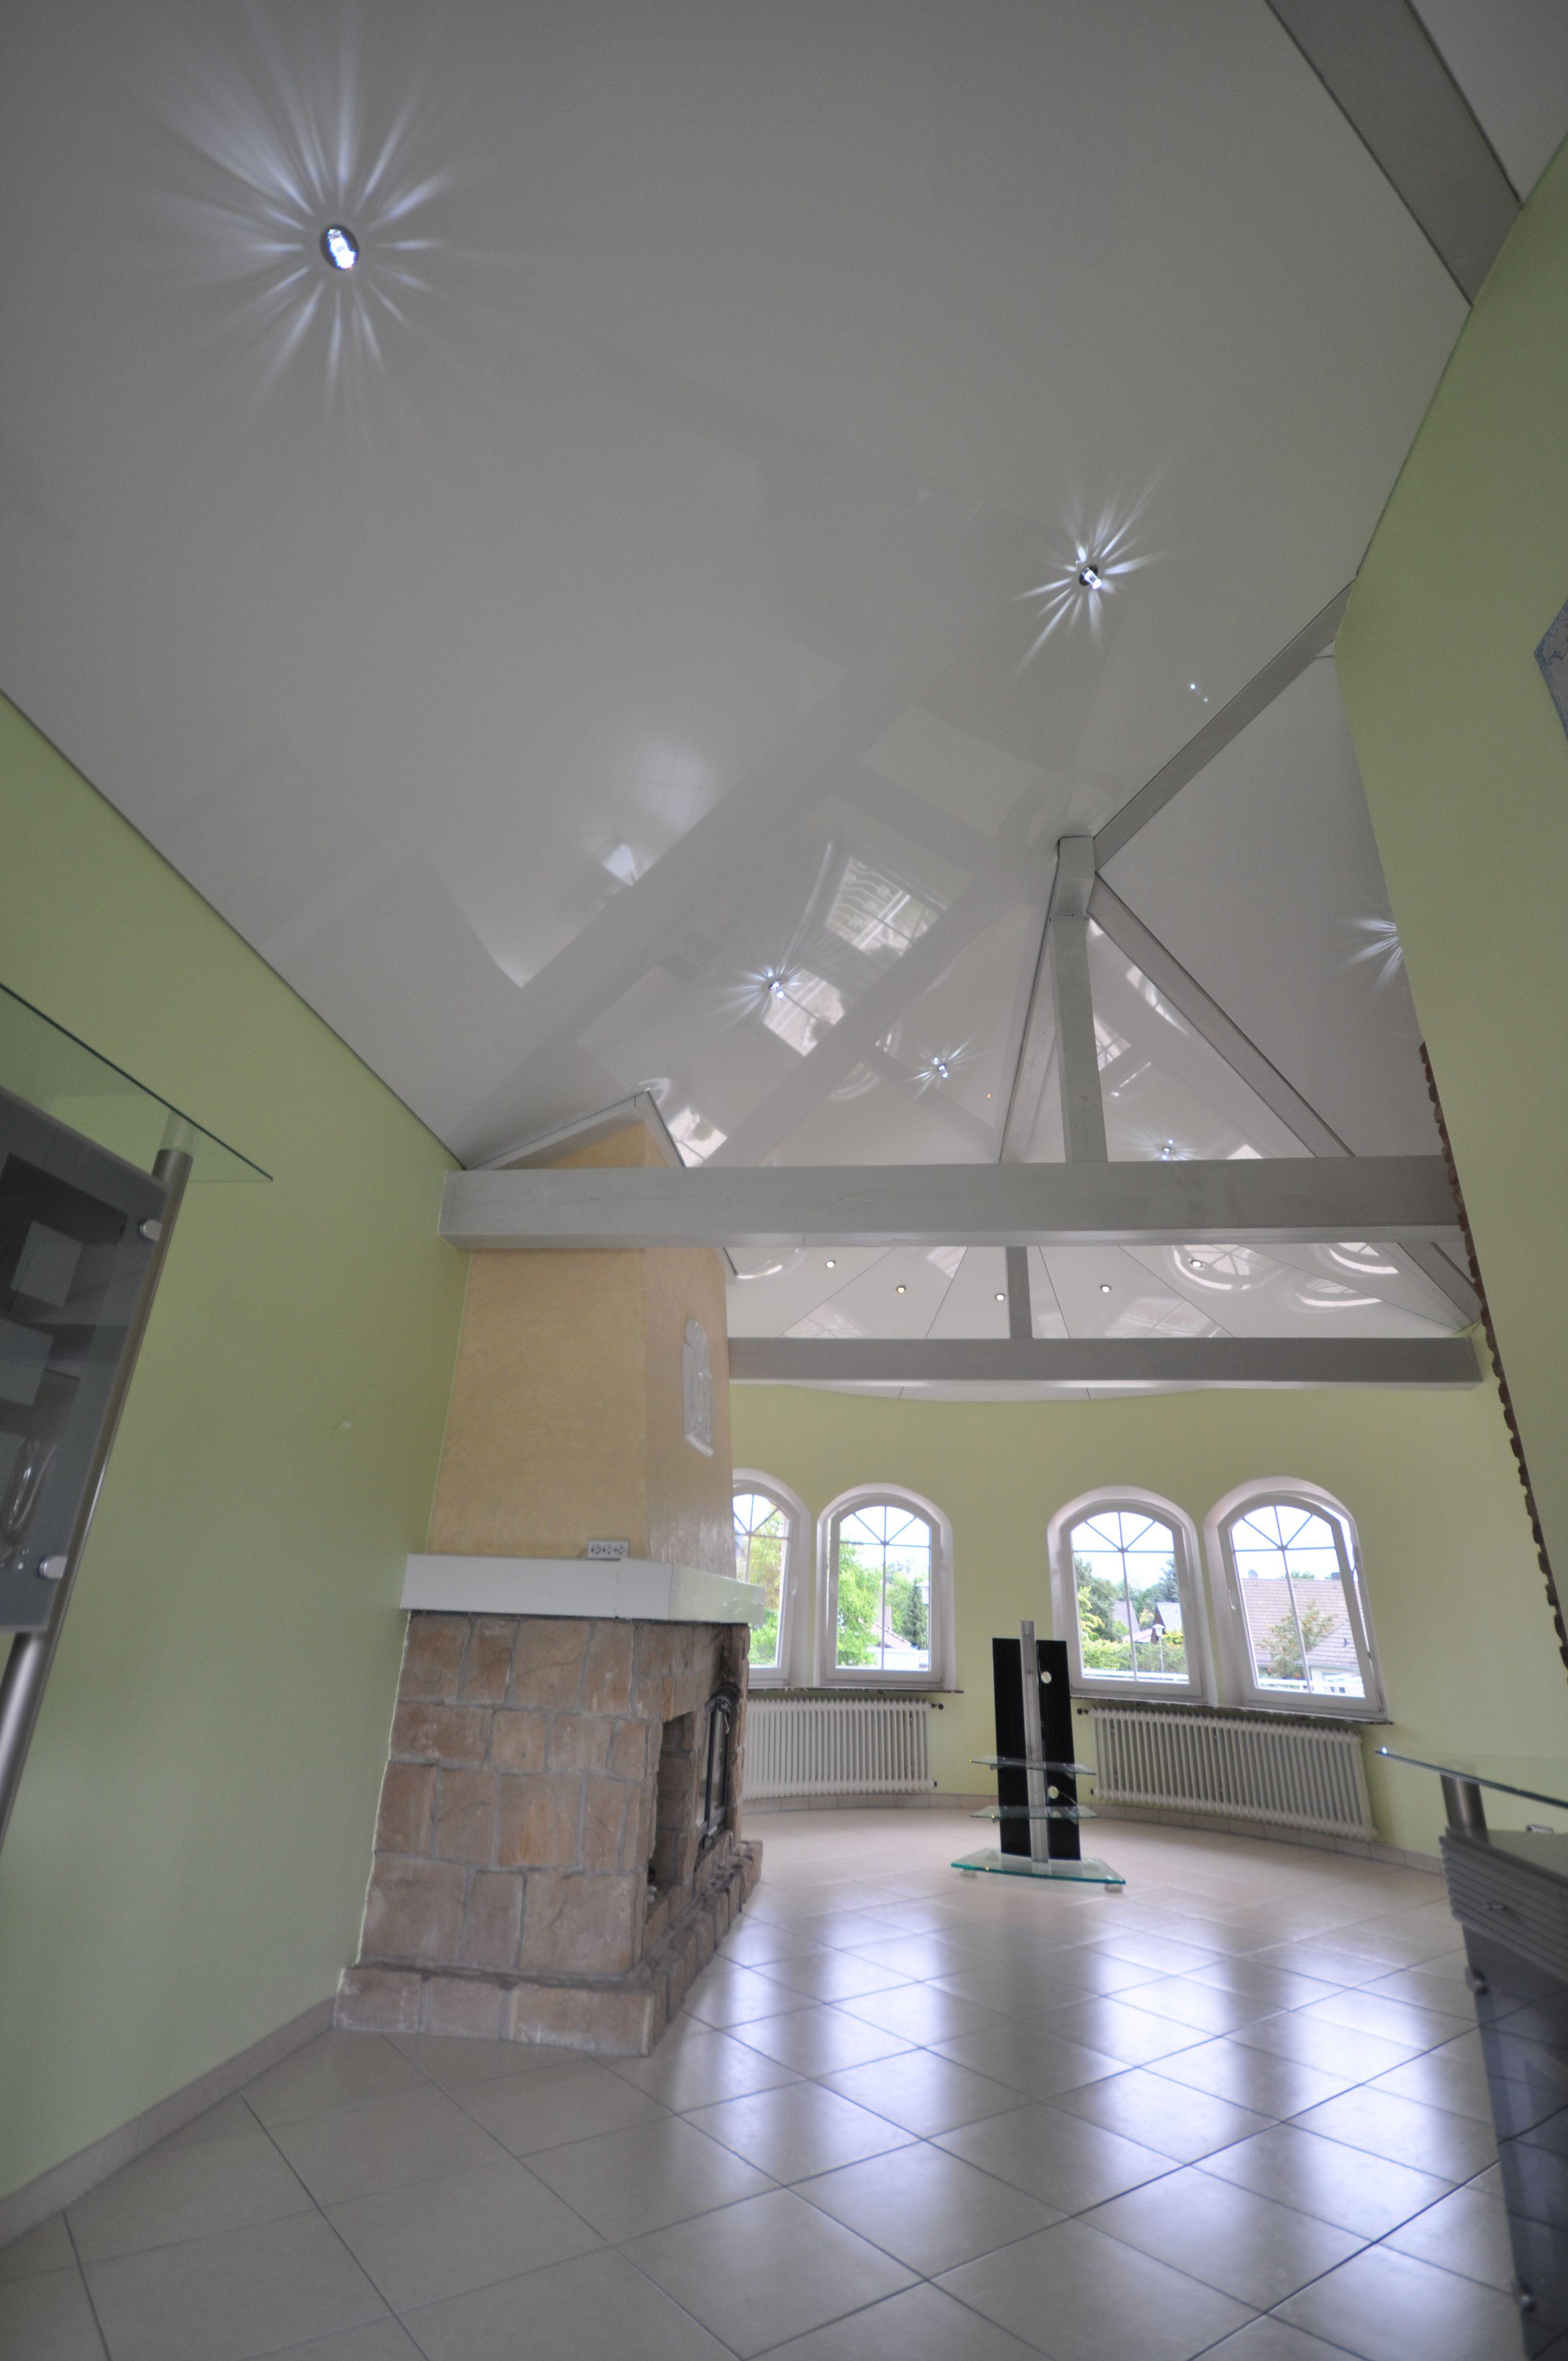 Spanndecke Weiss Hochglanz Decke Renovieren Swarovski Balken Wohnzimmer Kamin Spanndecken Deckenbalken Zwischendecke